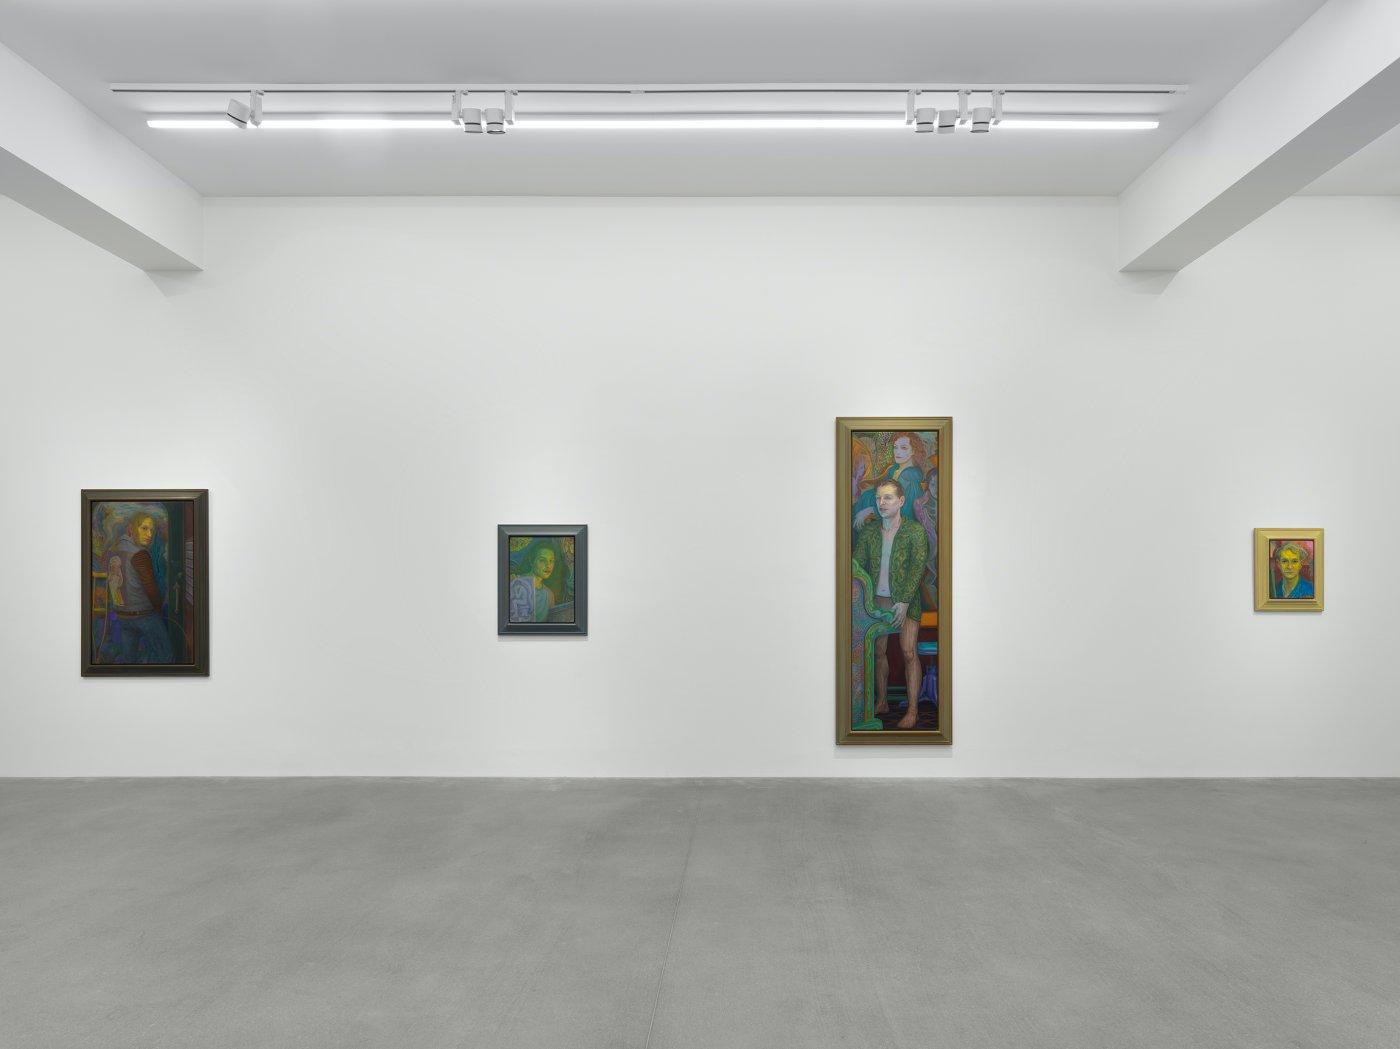 Galerie Eva Presenhuber Waldmannstrasse Steven Shearer 4